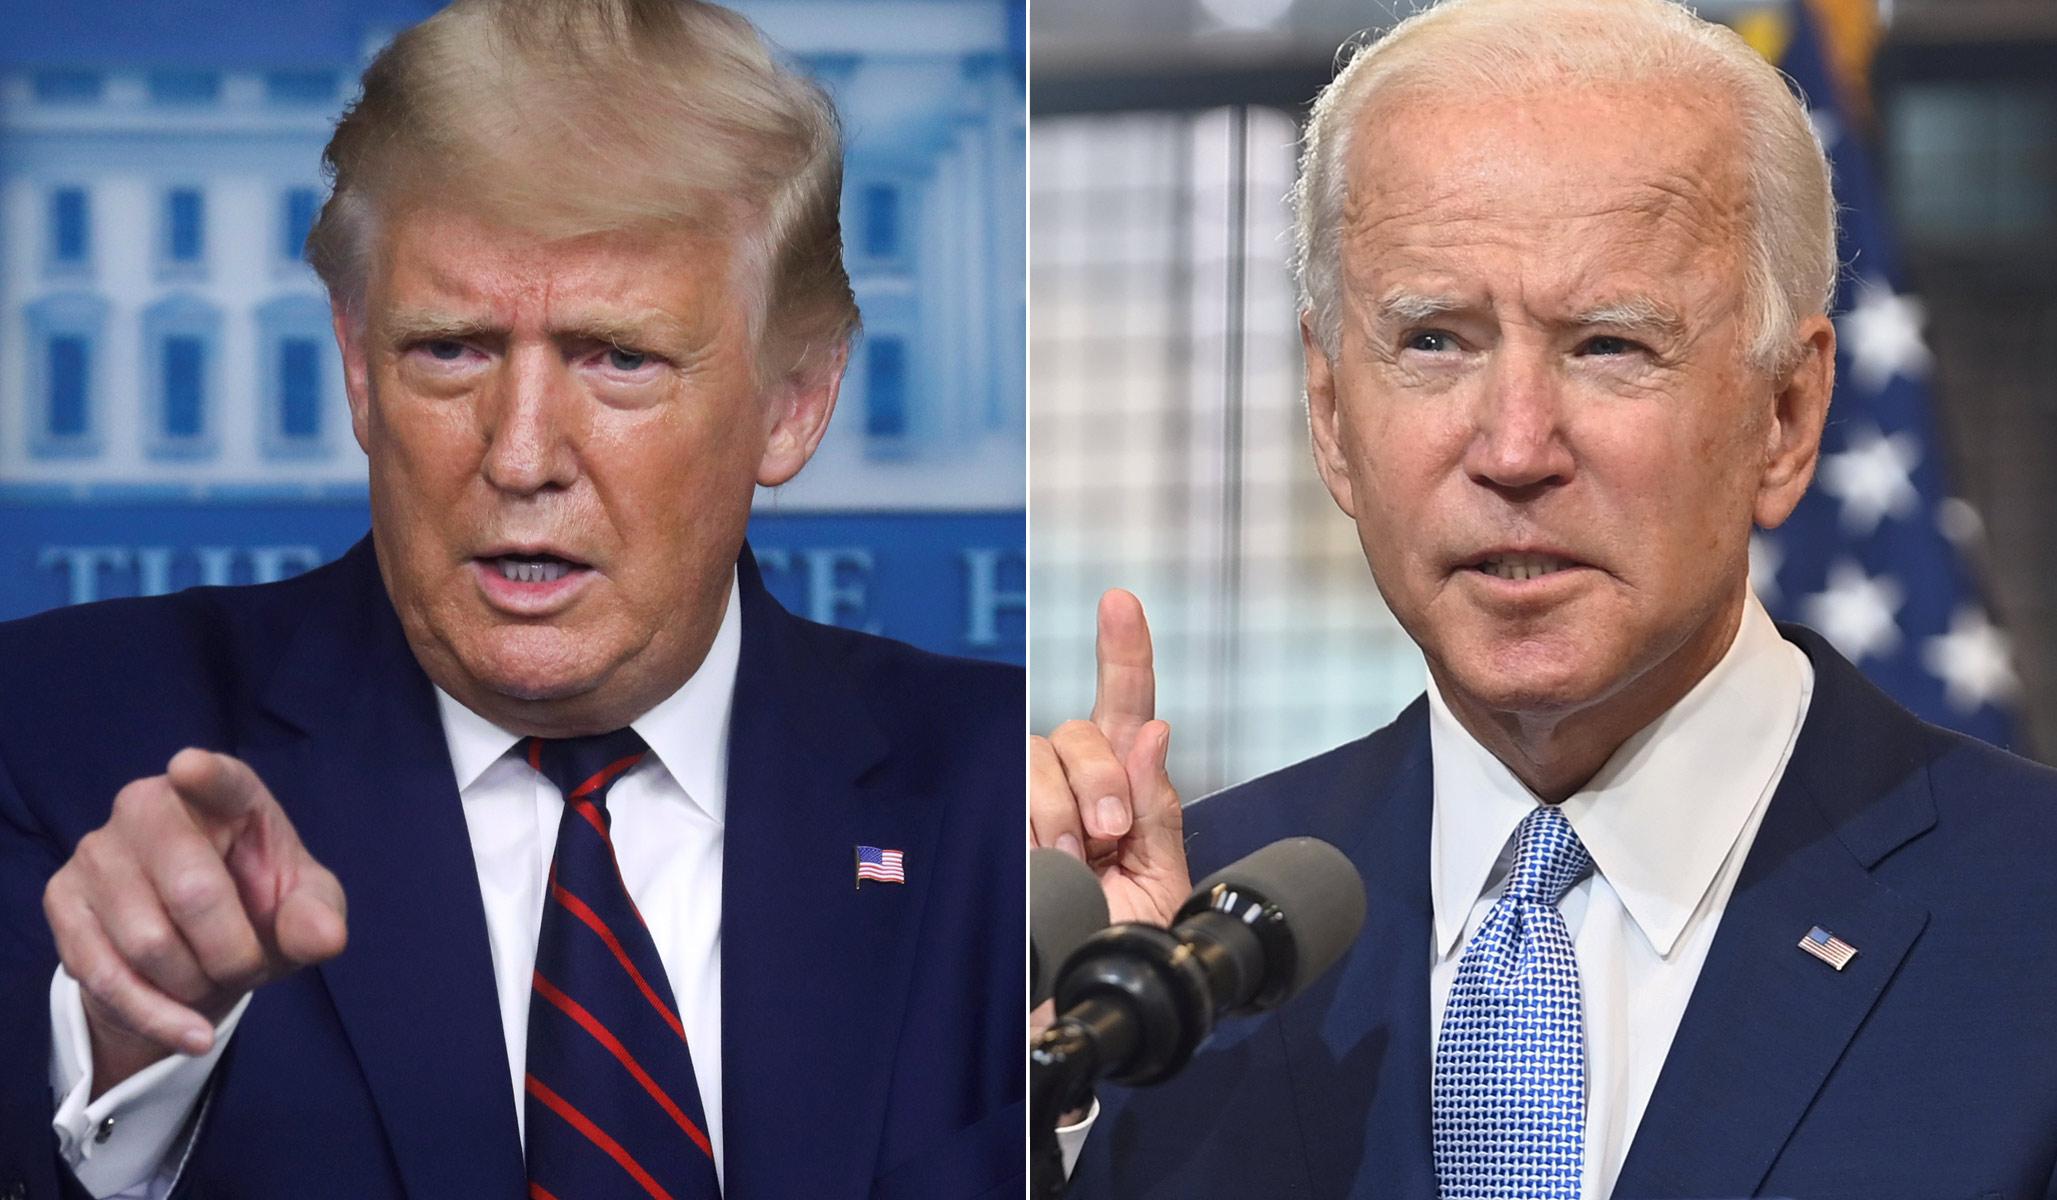 Trumps Vs Biden: scenari e opportunità (con l'occhio vigile di Angi)